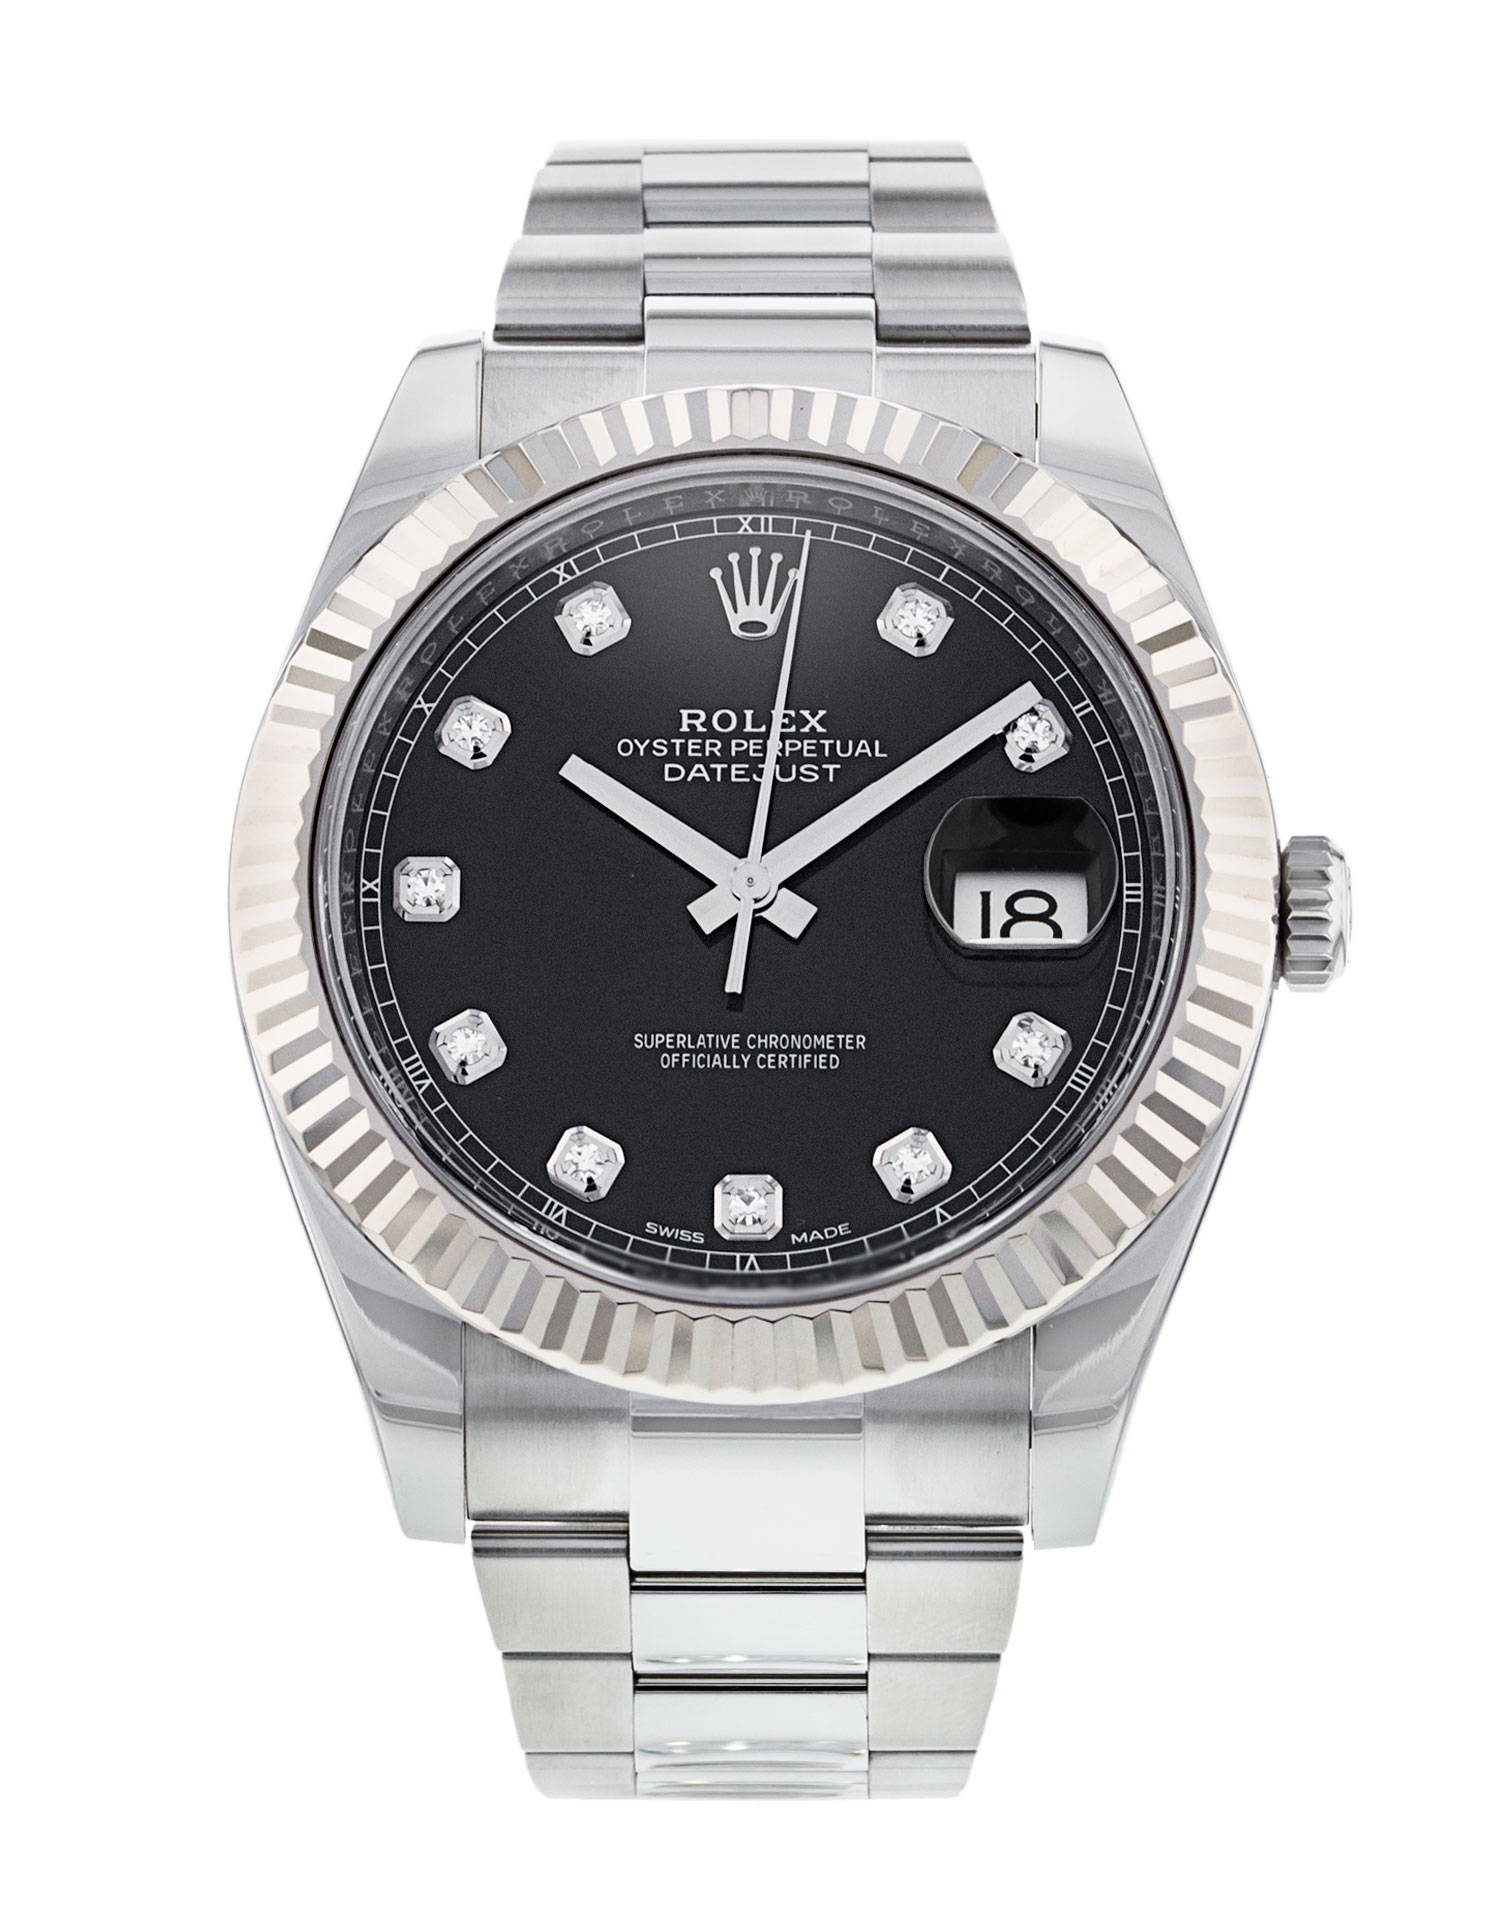 Rolex-Datejust41-126334-142810-2-190718-154031.jpg